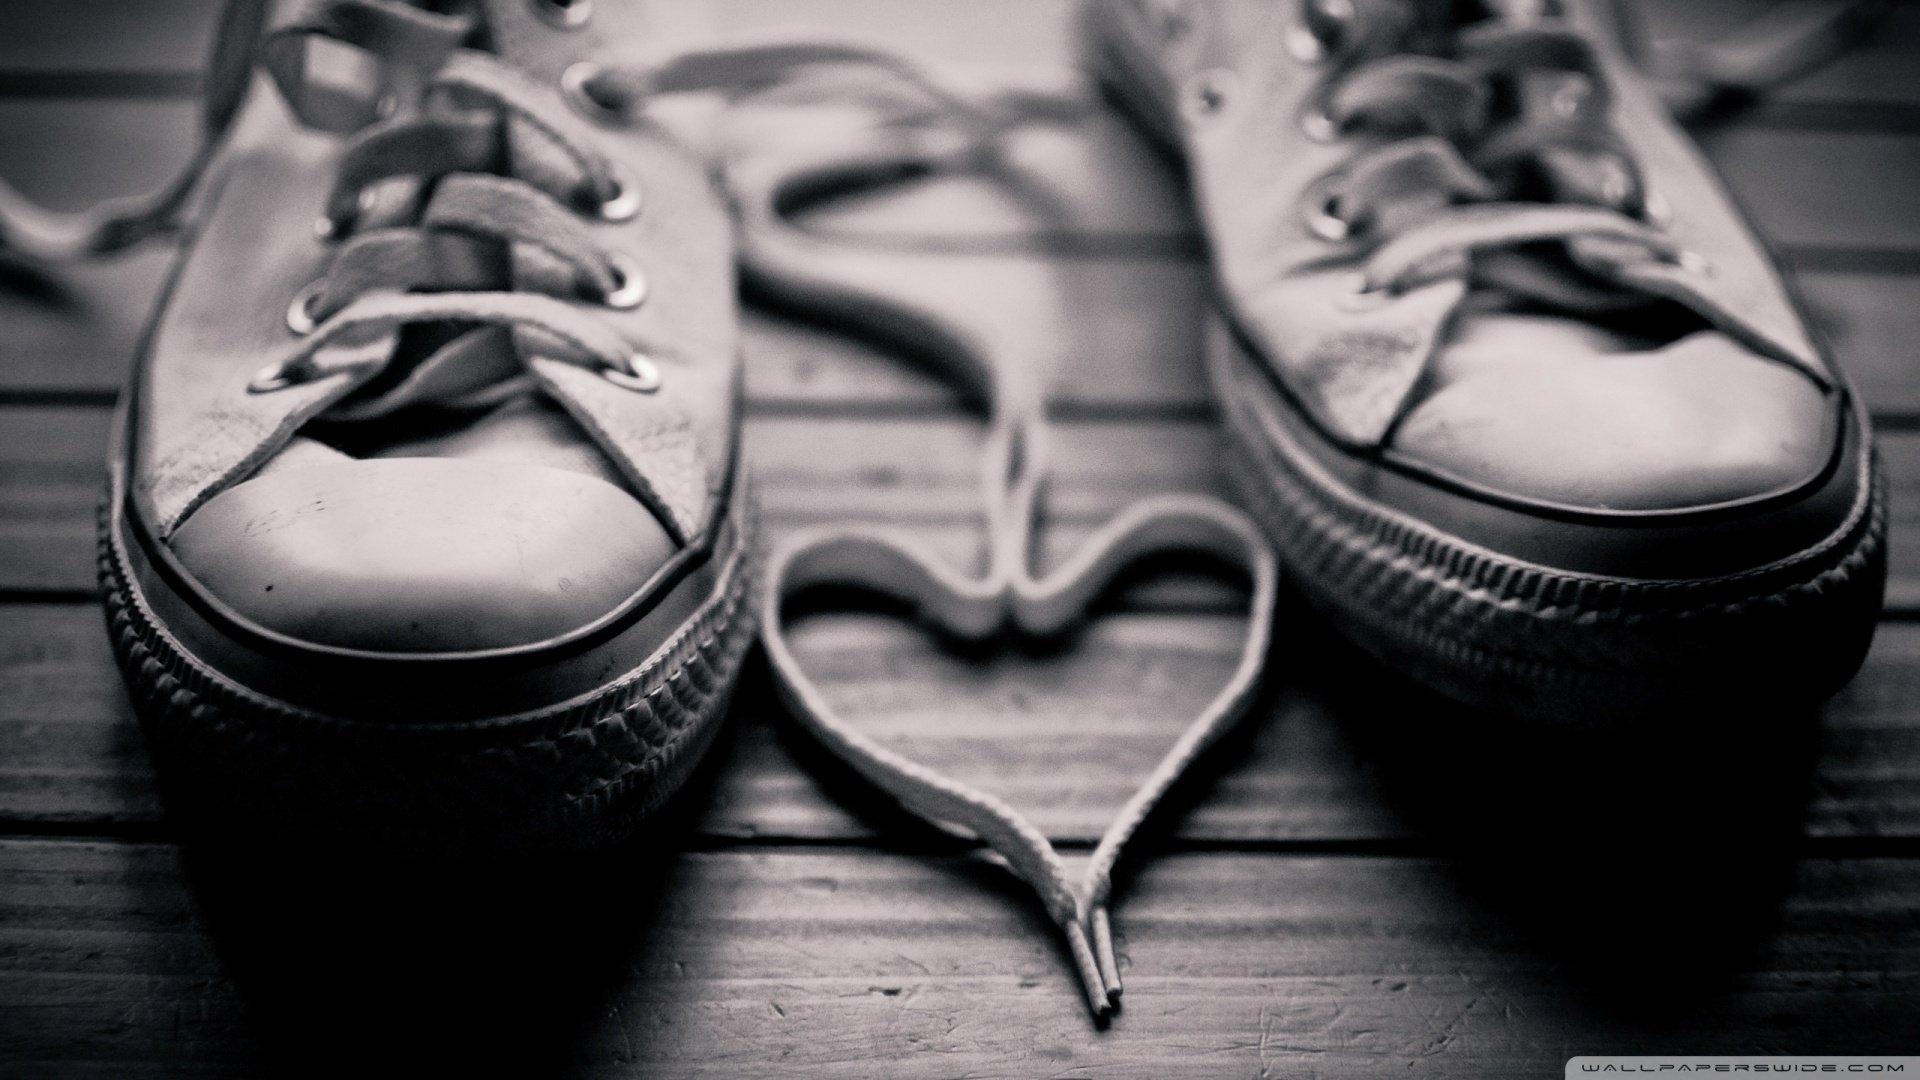 爱情美图,爱情箴言,破旧的鞋子